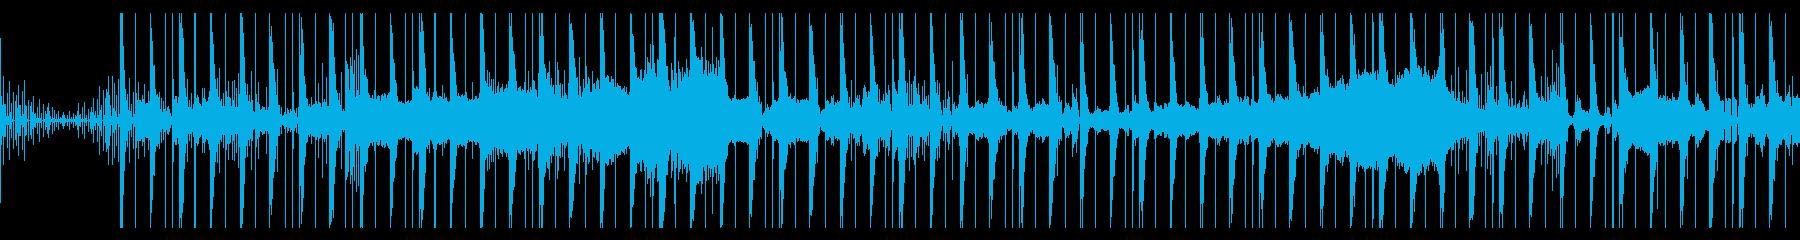 8bitのSEがカオスなエレクトロニカの再生済みの波形